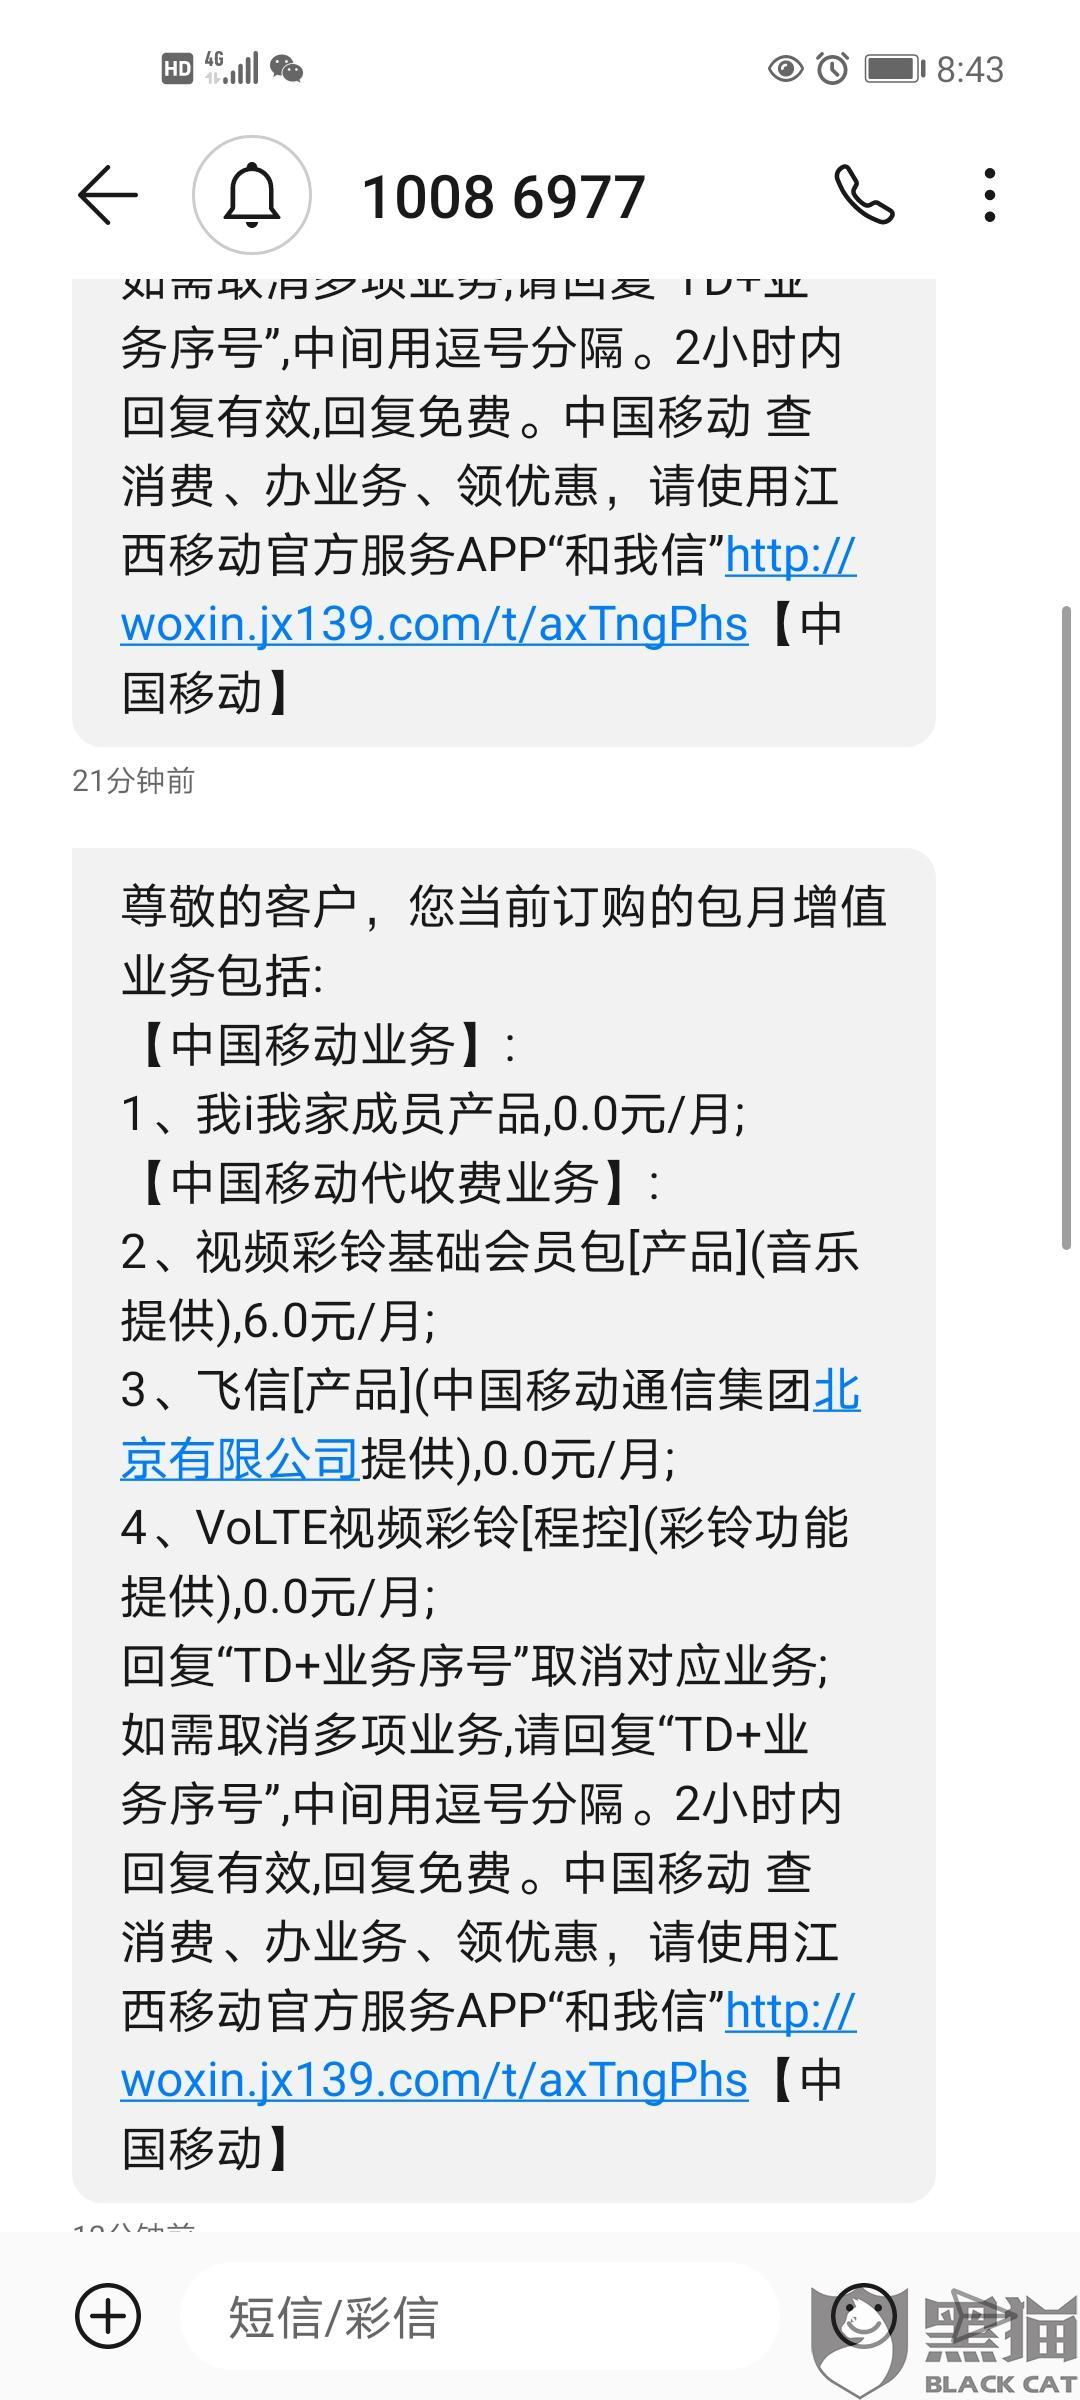 黑猫投诉:中国移动5G权益包及28元校园卡套餐